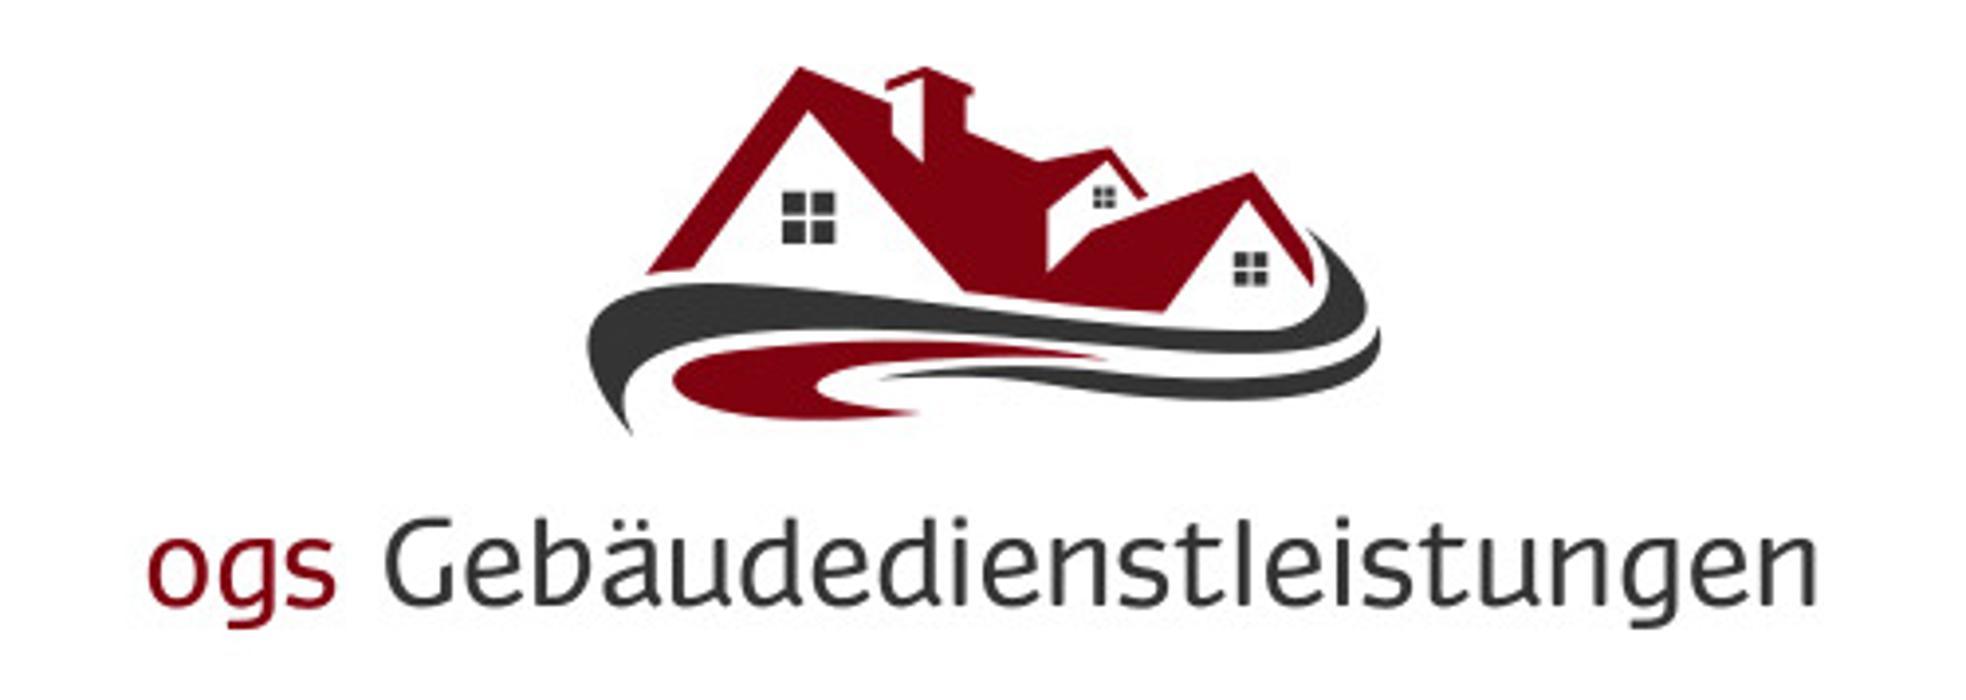 Bild zu OGS Gebäudedienstleistungen in Eschweiler im Rheinland